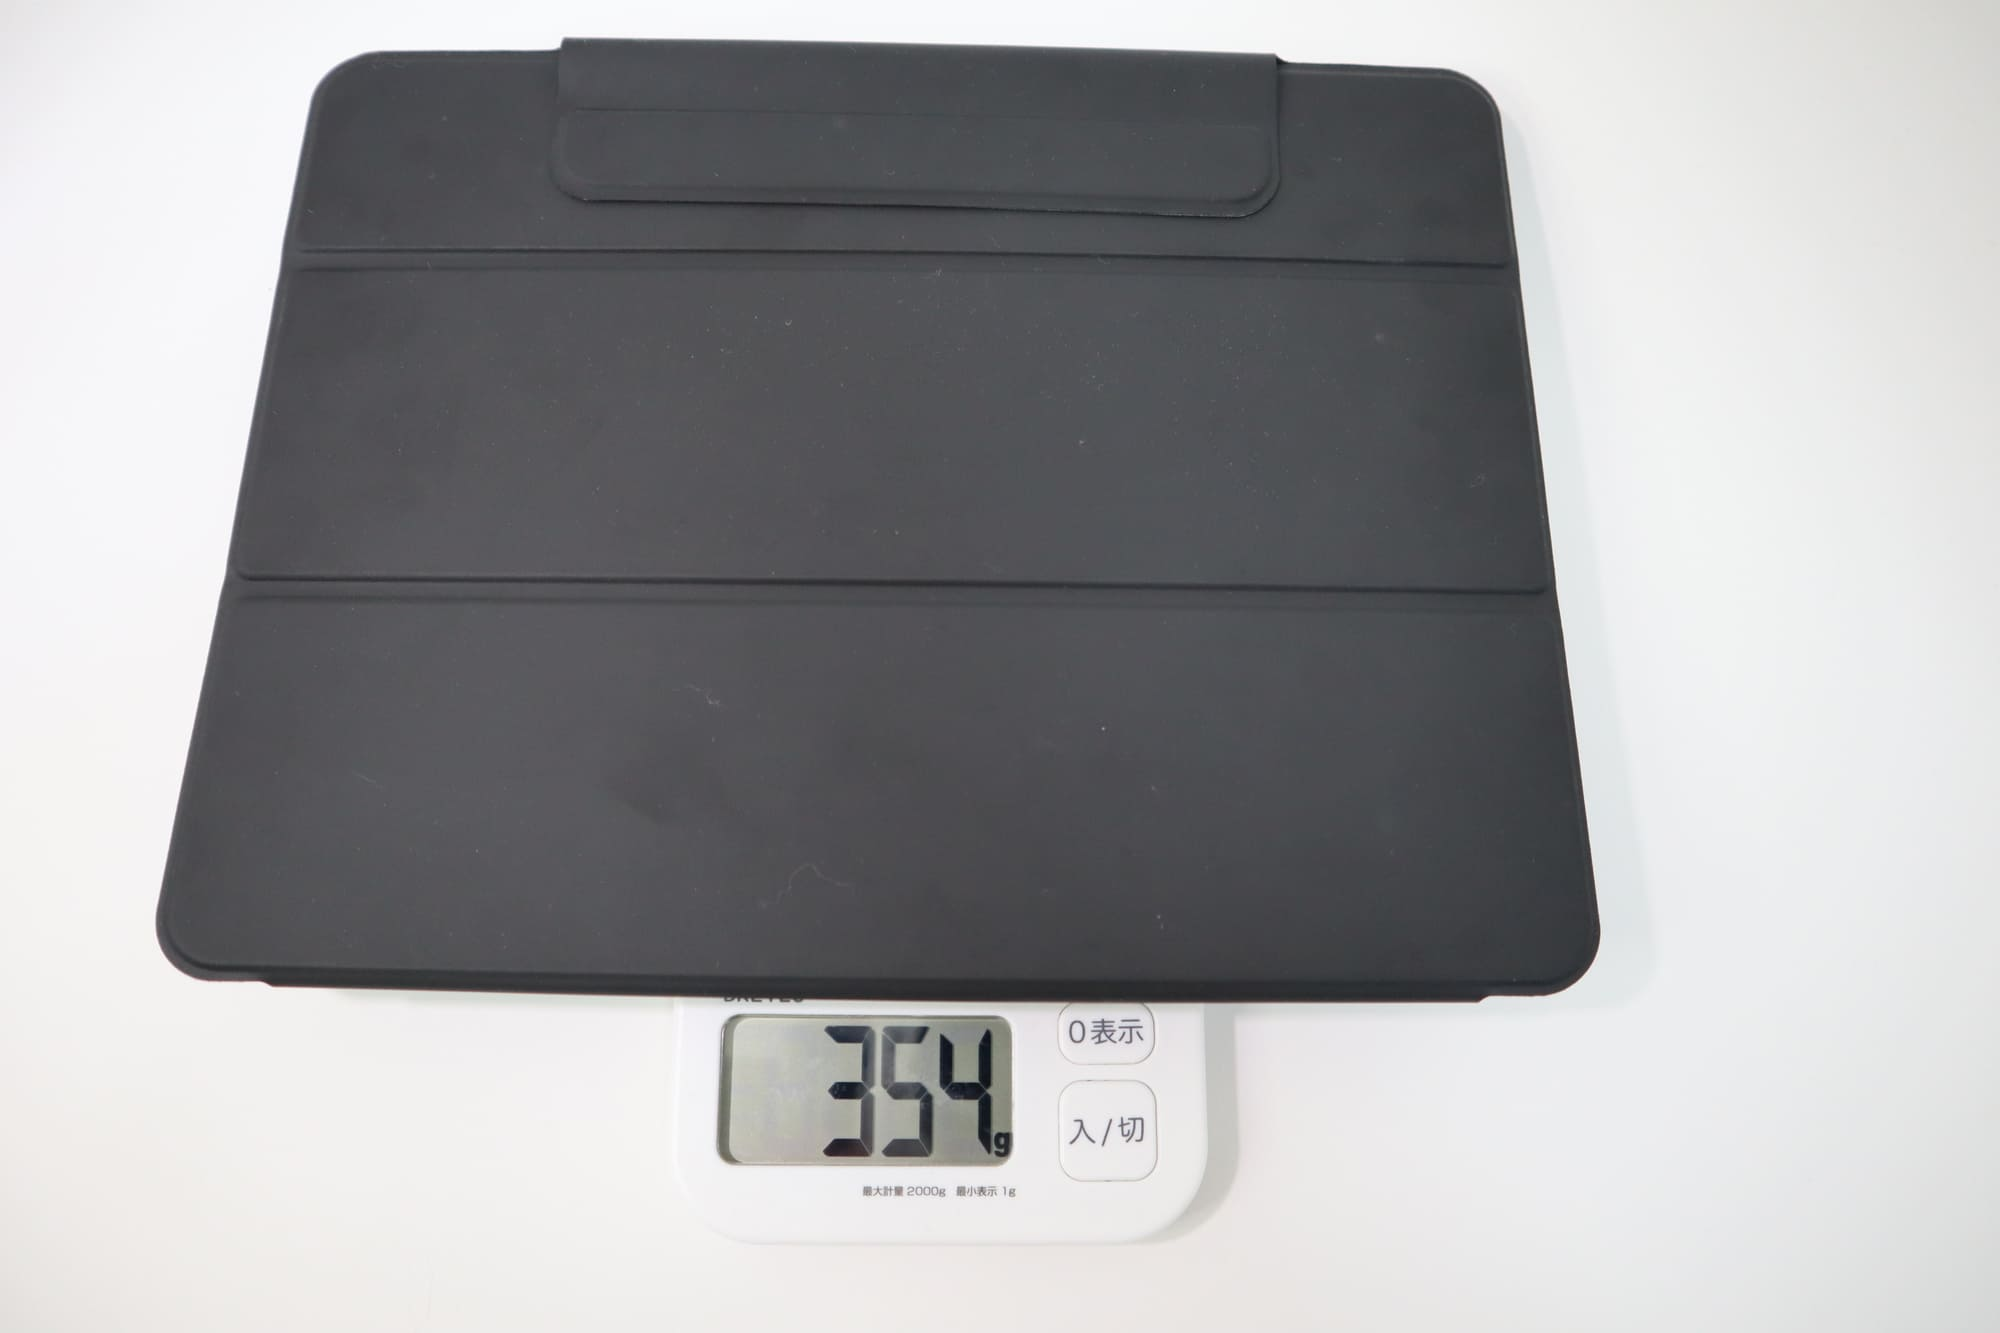 ESRのiPad Pro用ケースの重さ